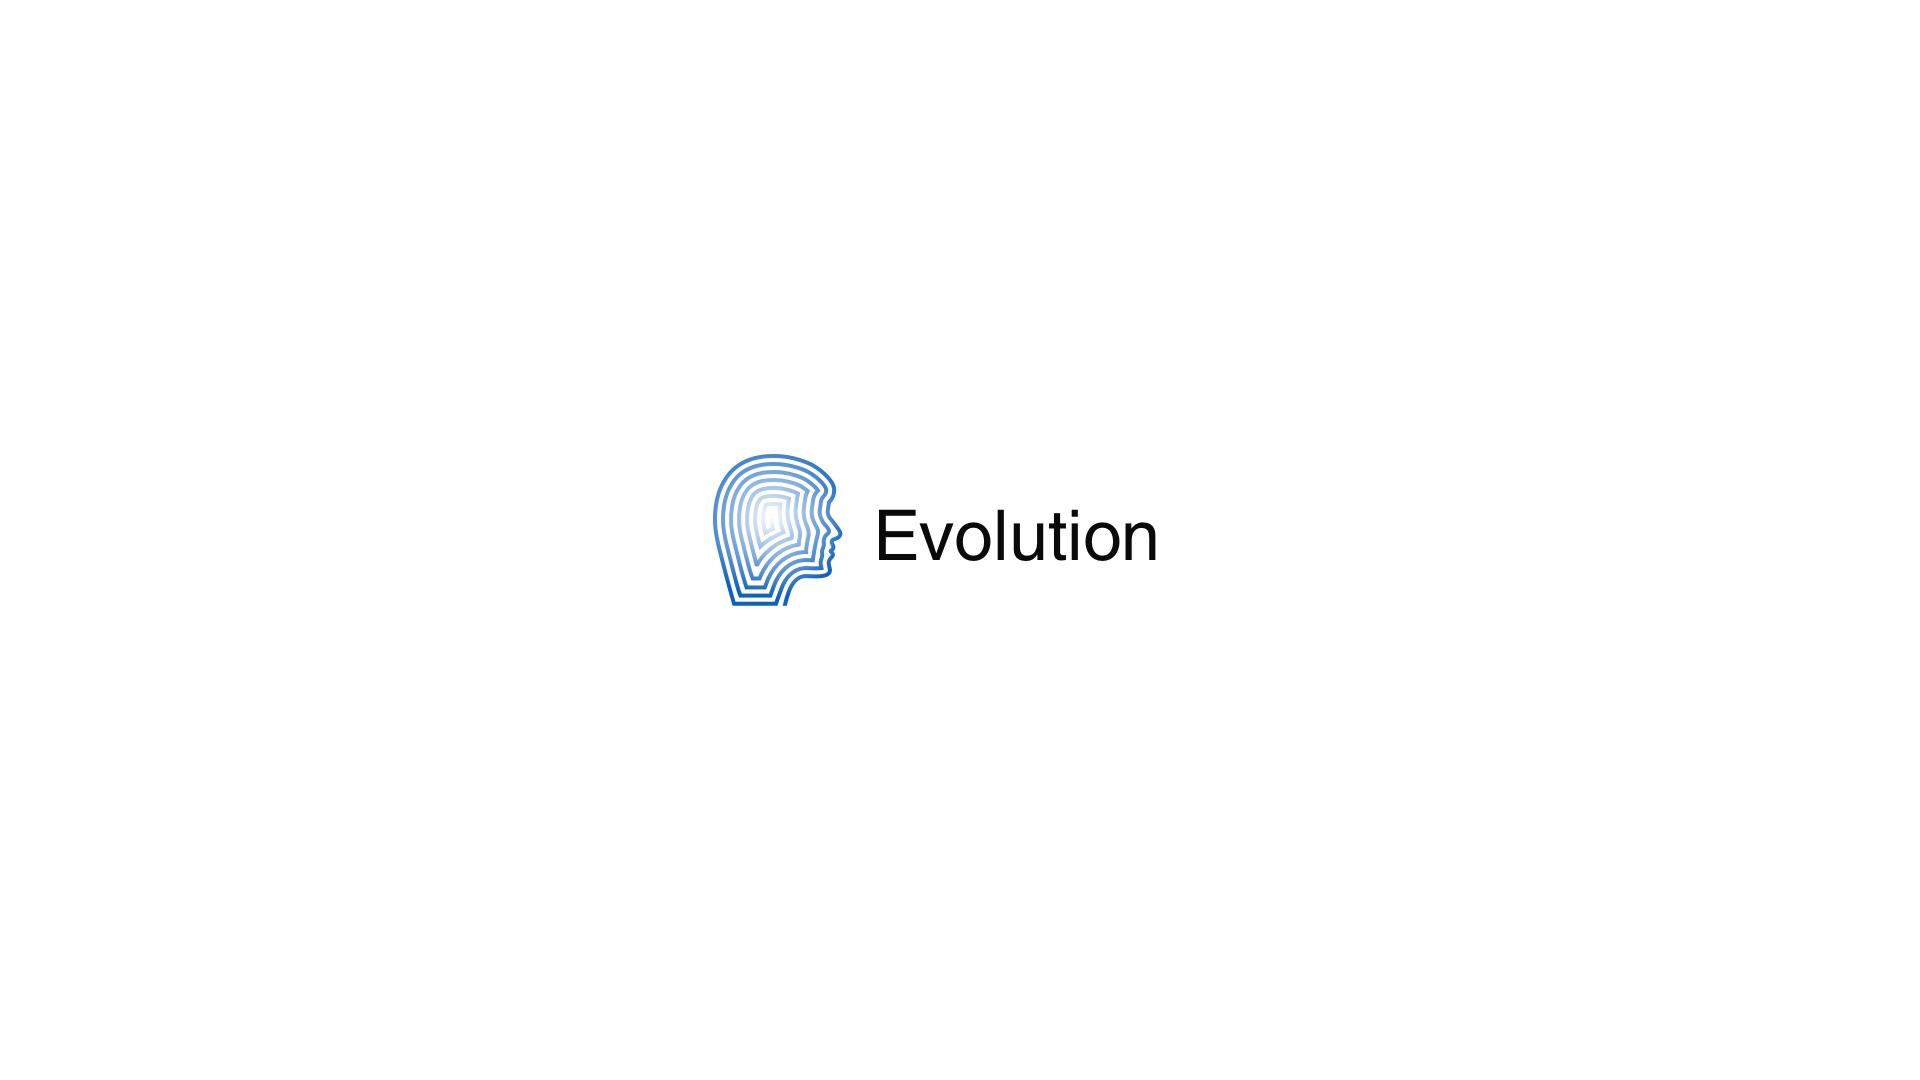 Разработать логотип для Онлайн-школы и сообщества фото f_9825bc4c5ad1232f.jpg